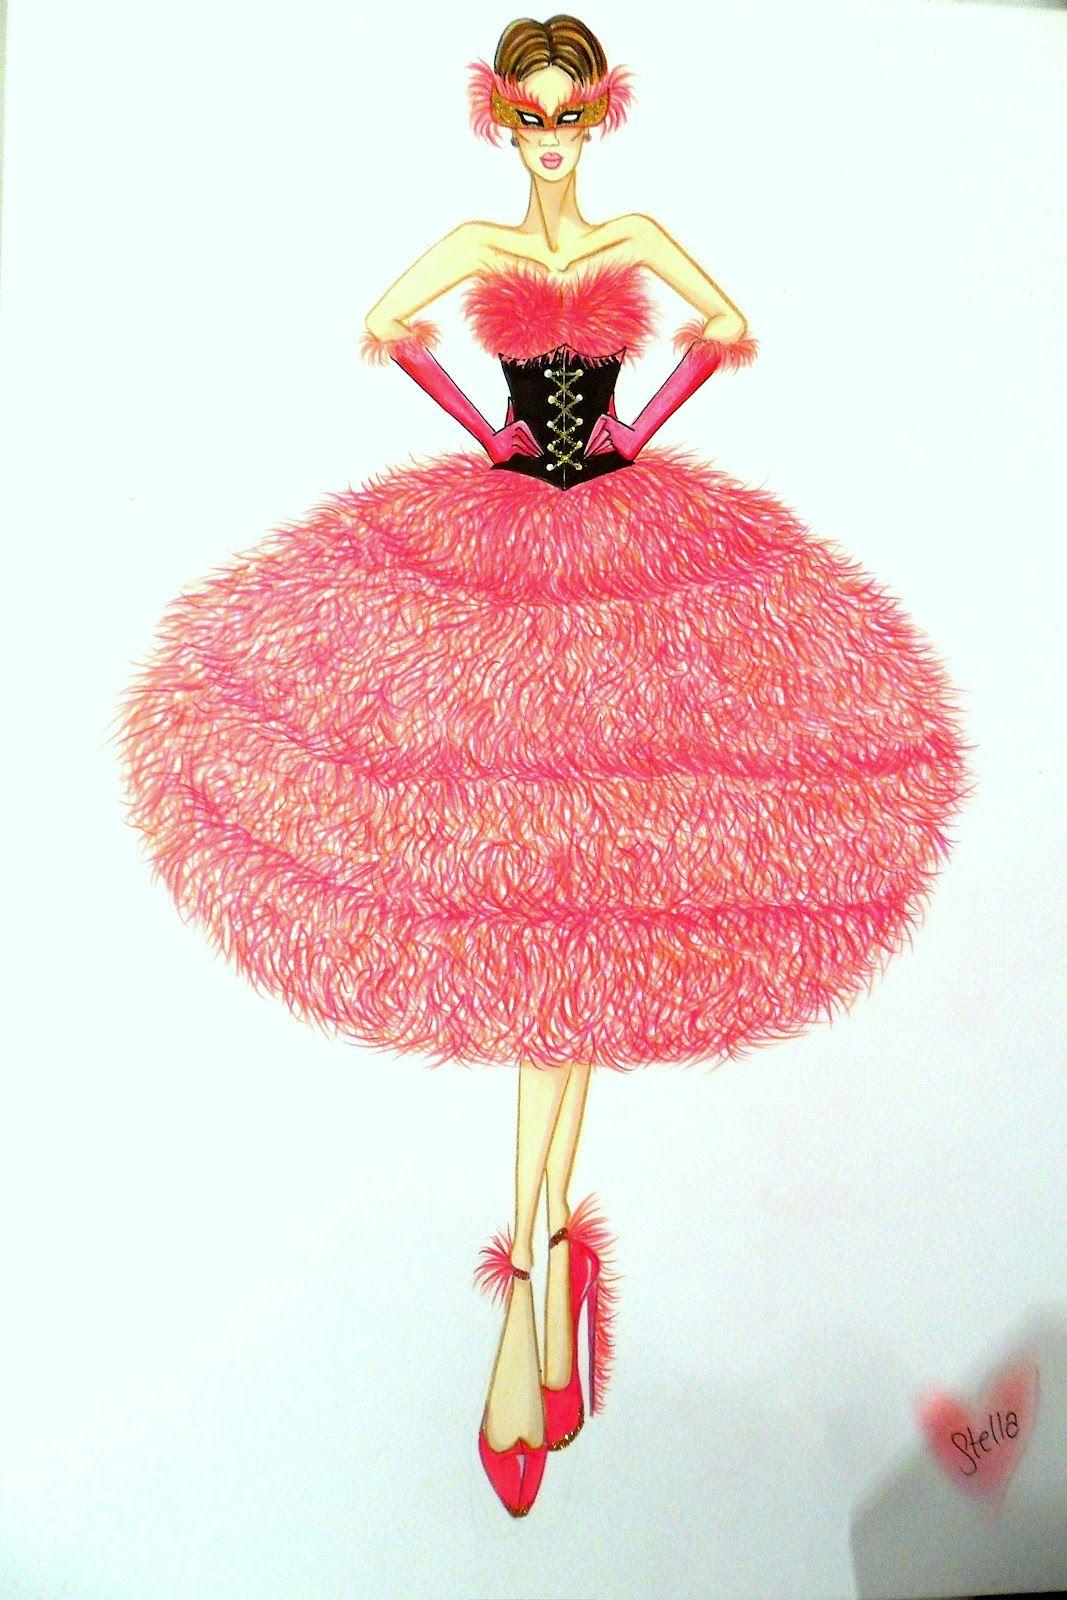 Stellita pink star collezione veneziana flamingo ball masquerade